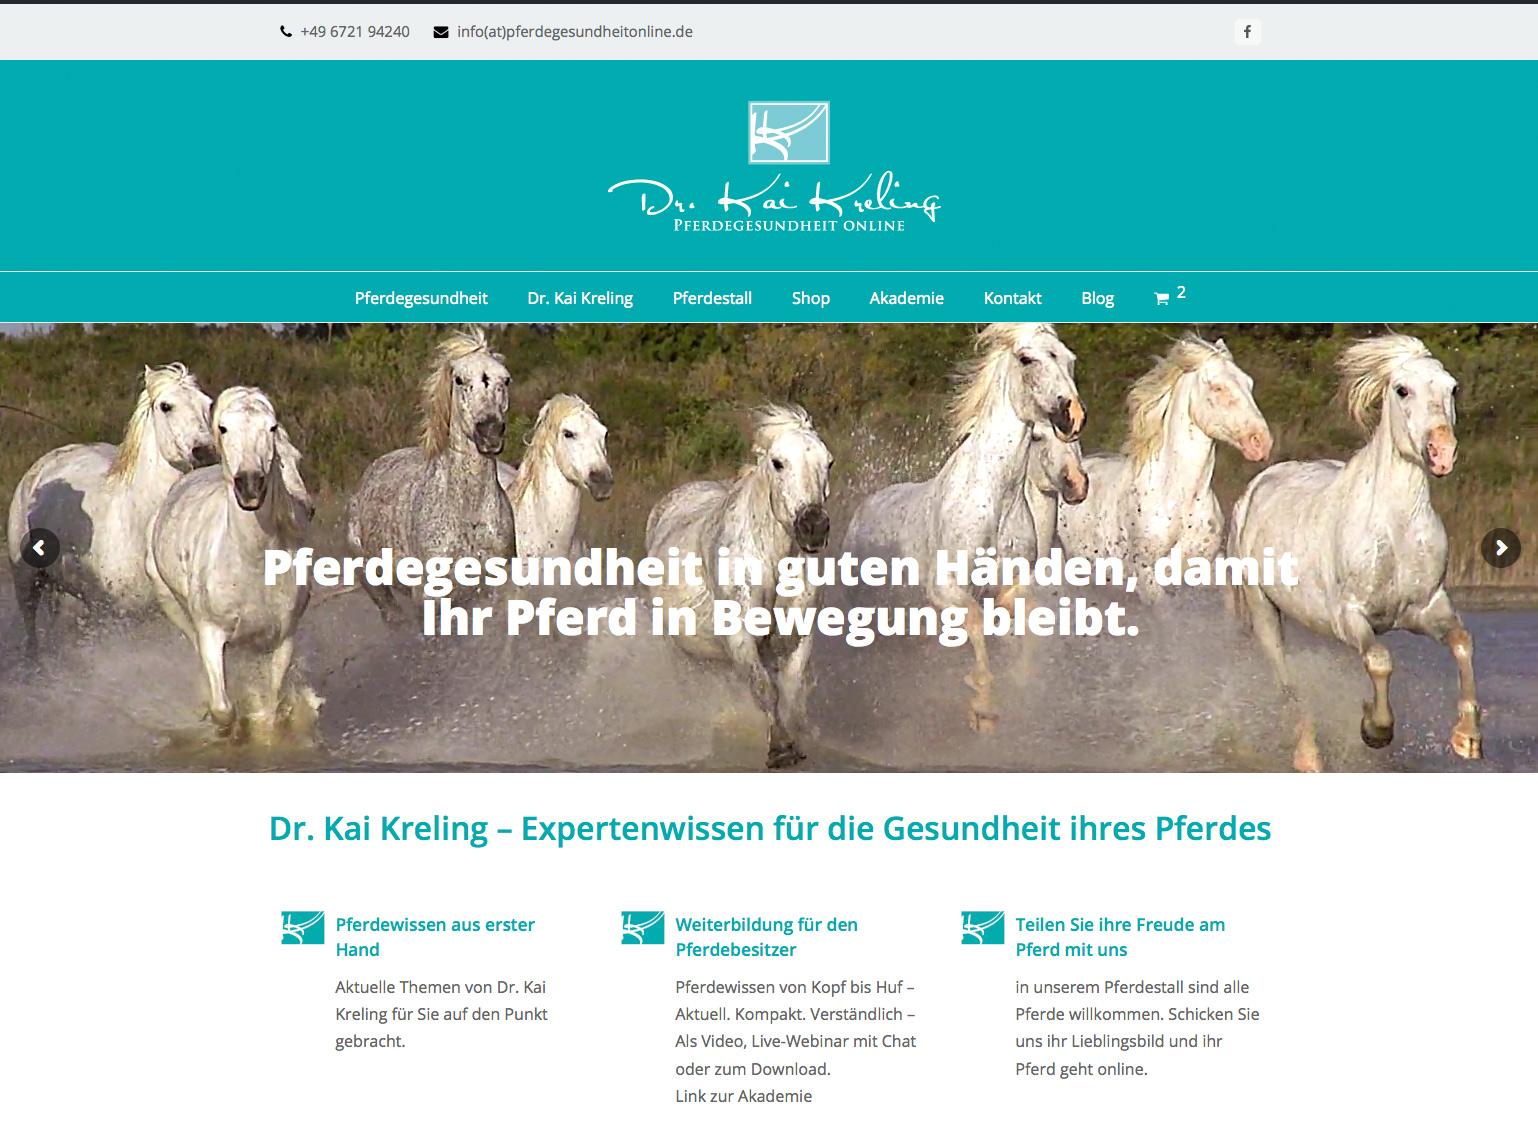 Dr. Kai Kreling, Pferdegesundheit Online